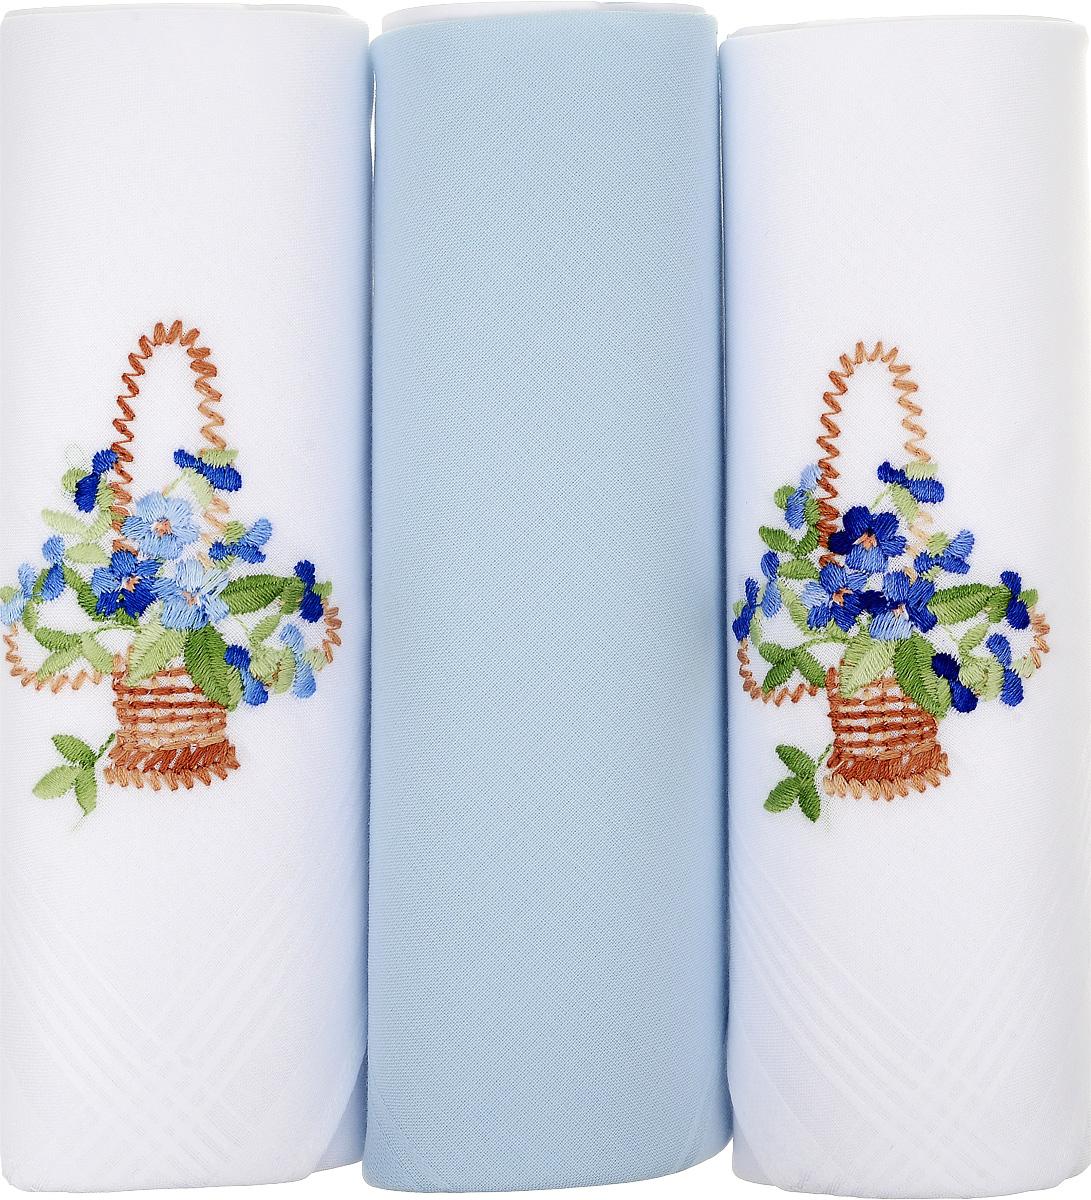 Платок носовой женский Zlata Korunka, цвет: белый, голубой, 3 шт. 25605-4. Размер 30 см х 30 см25605-4Небольшой женский носовой платок Zlata Korunka изготовлен из высококачественного натурального хлопка, благодаря чему приятен в использовании, хорошо стирается, не садится и отлично впитывает влагу. Практичный и изящный носовой платок будет незаменим в повседневной жизни любого современного человека. Такой платок послужит стильным аксессуаром и подчеркнет ваше превосходное чувство вкуса. В комплекте 3 платка.